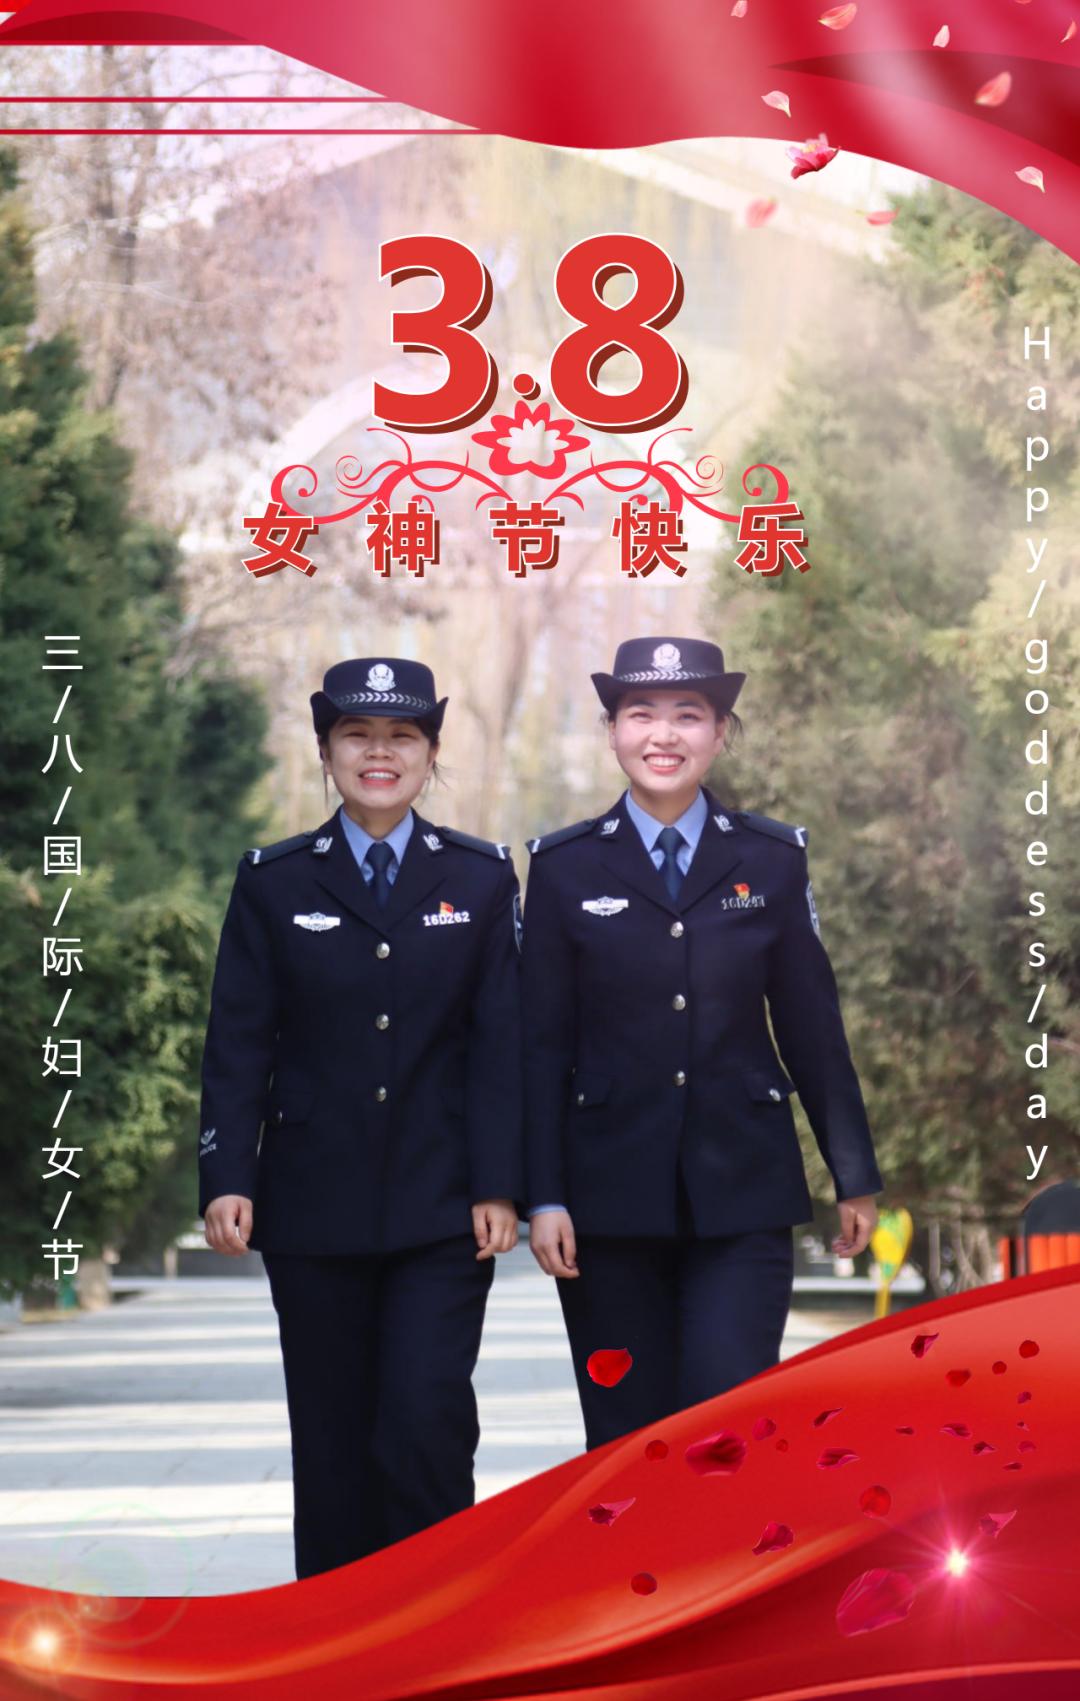 【3•8 特辑】藏蓝戎装 铁血柔情